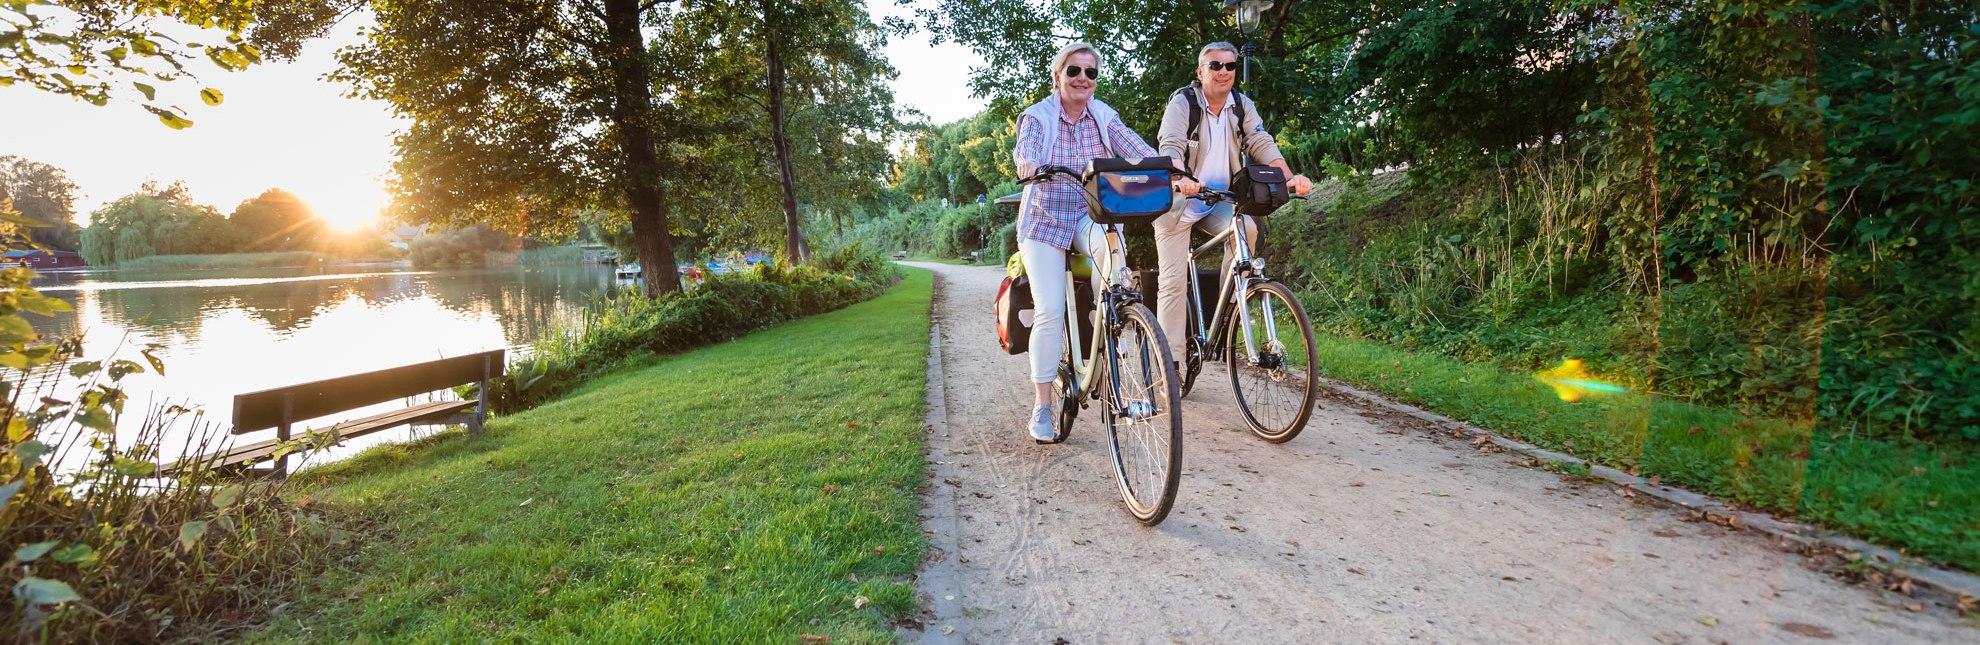 Radtour am Salemer See, © Markus Tiemann / HLMS GmbH